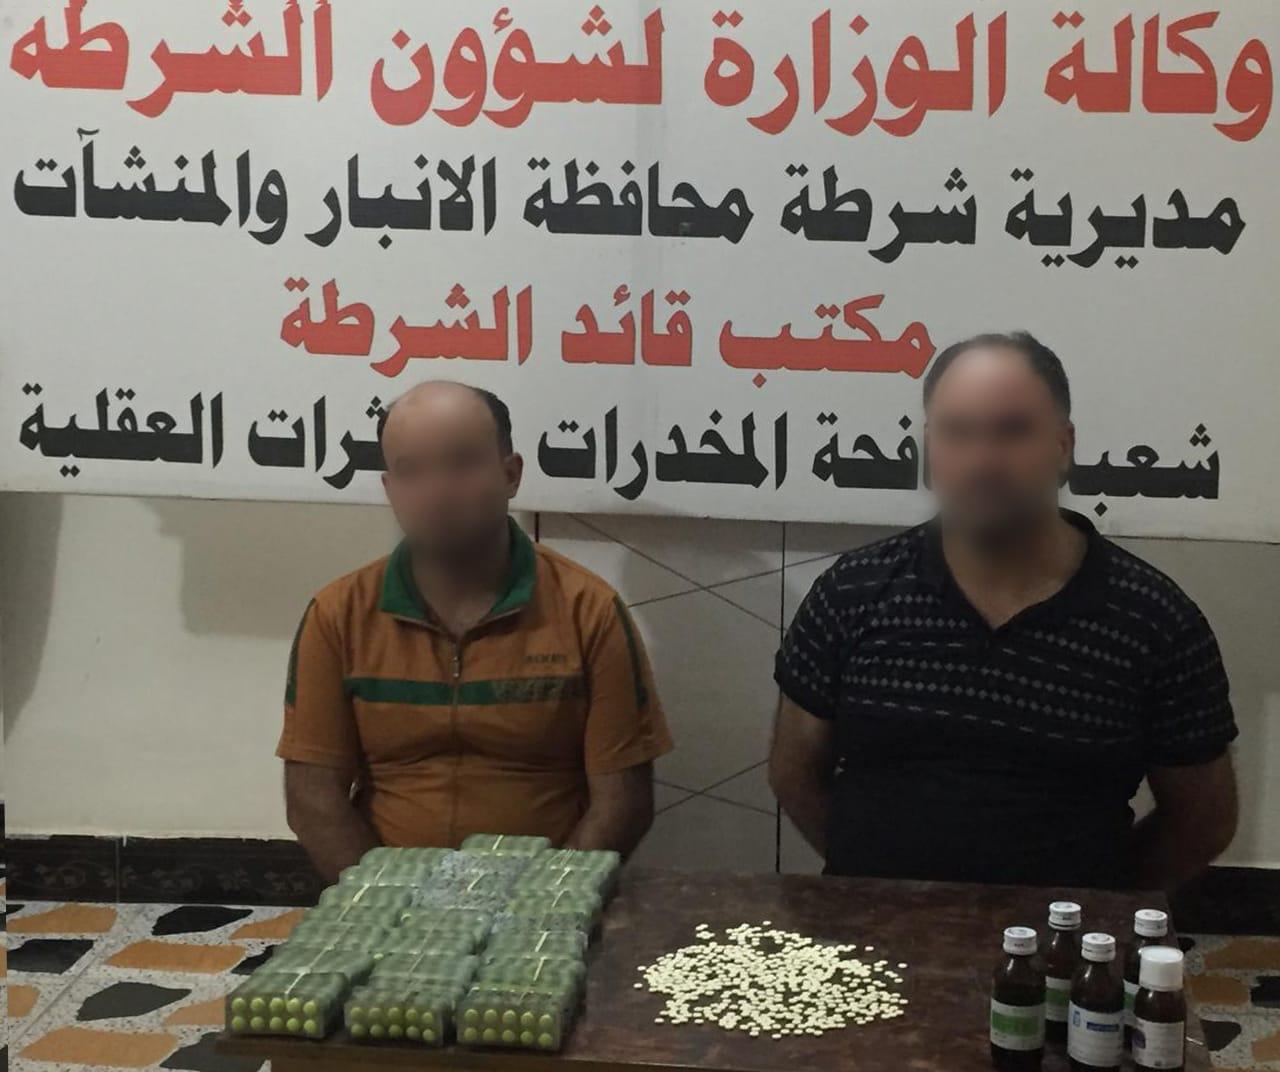 شرطة الأنبار تعتقل عصابة تتاجر بالحبوب المخدرة بالرمادي